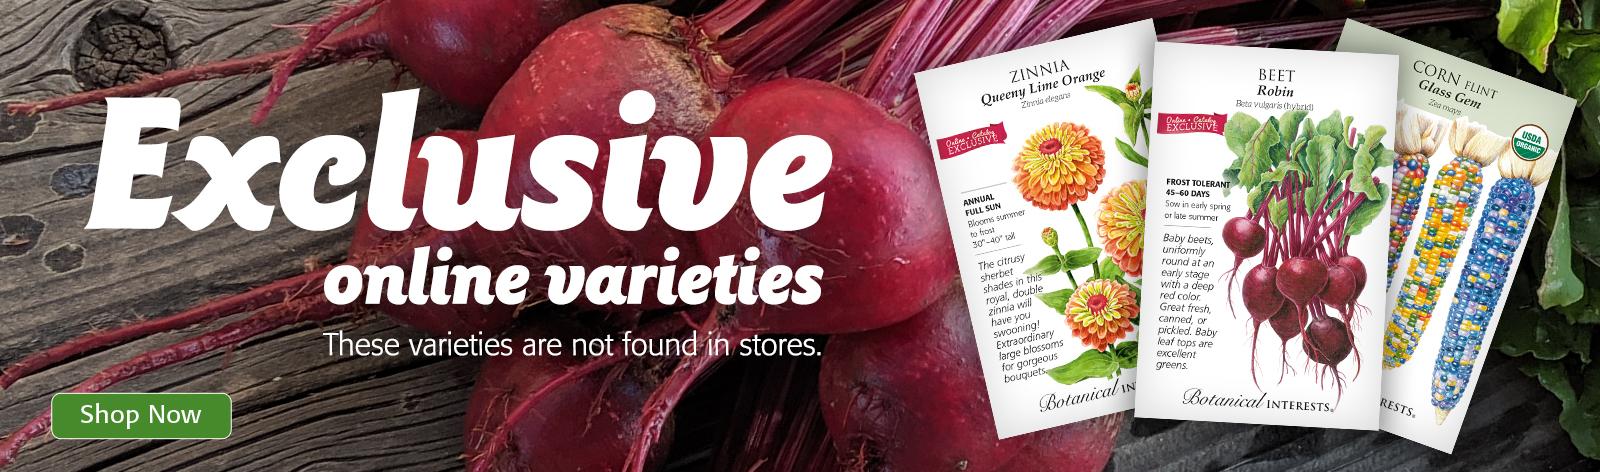 Exclusive online varieties not found in stores